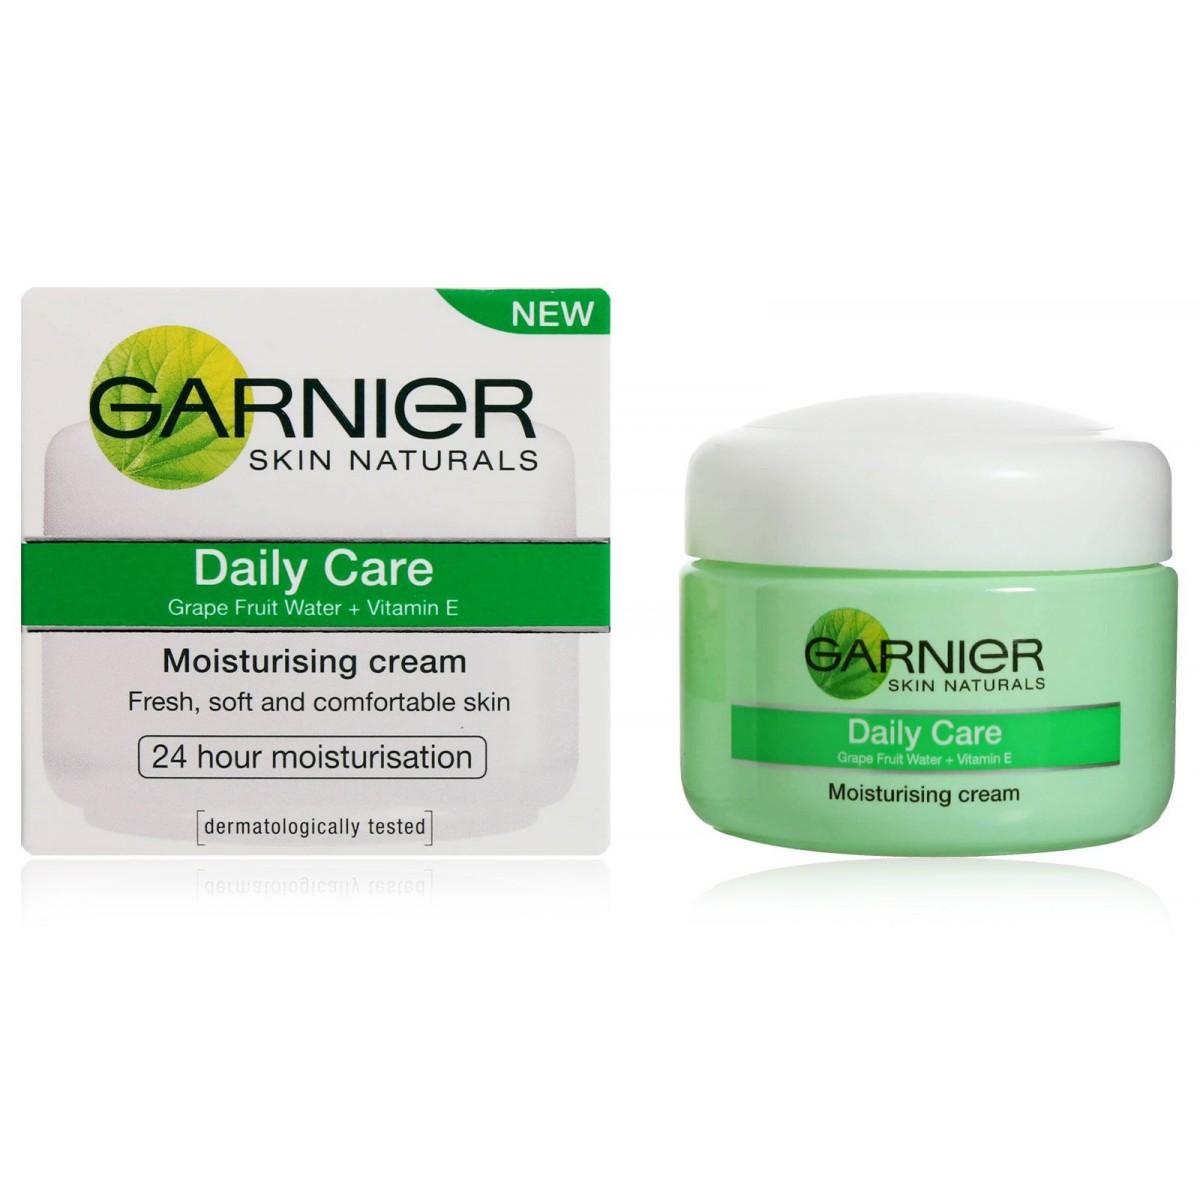 كريم الترطيب اليومي للبشرة الدهنية من غارنييه Garnier Essential Care Daily Moisturizing Lotion